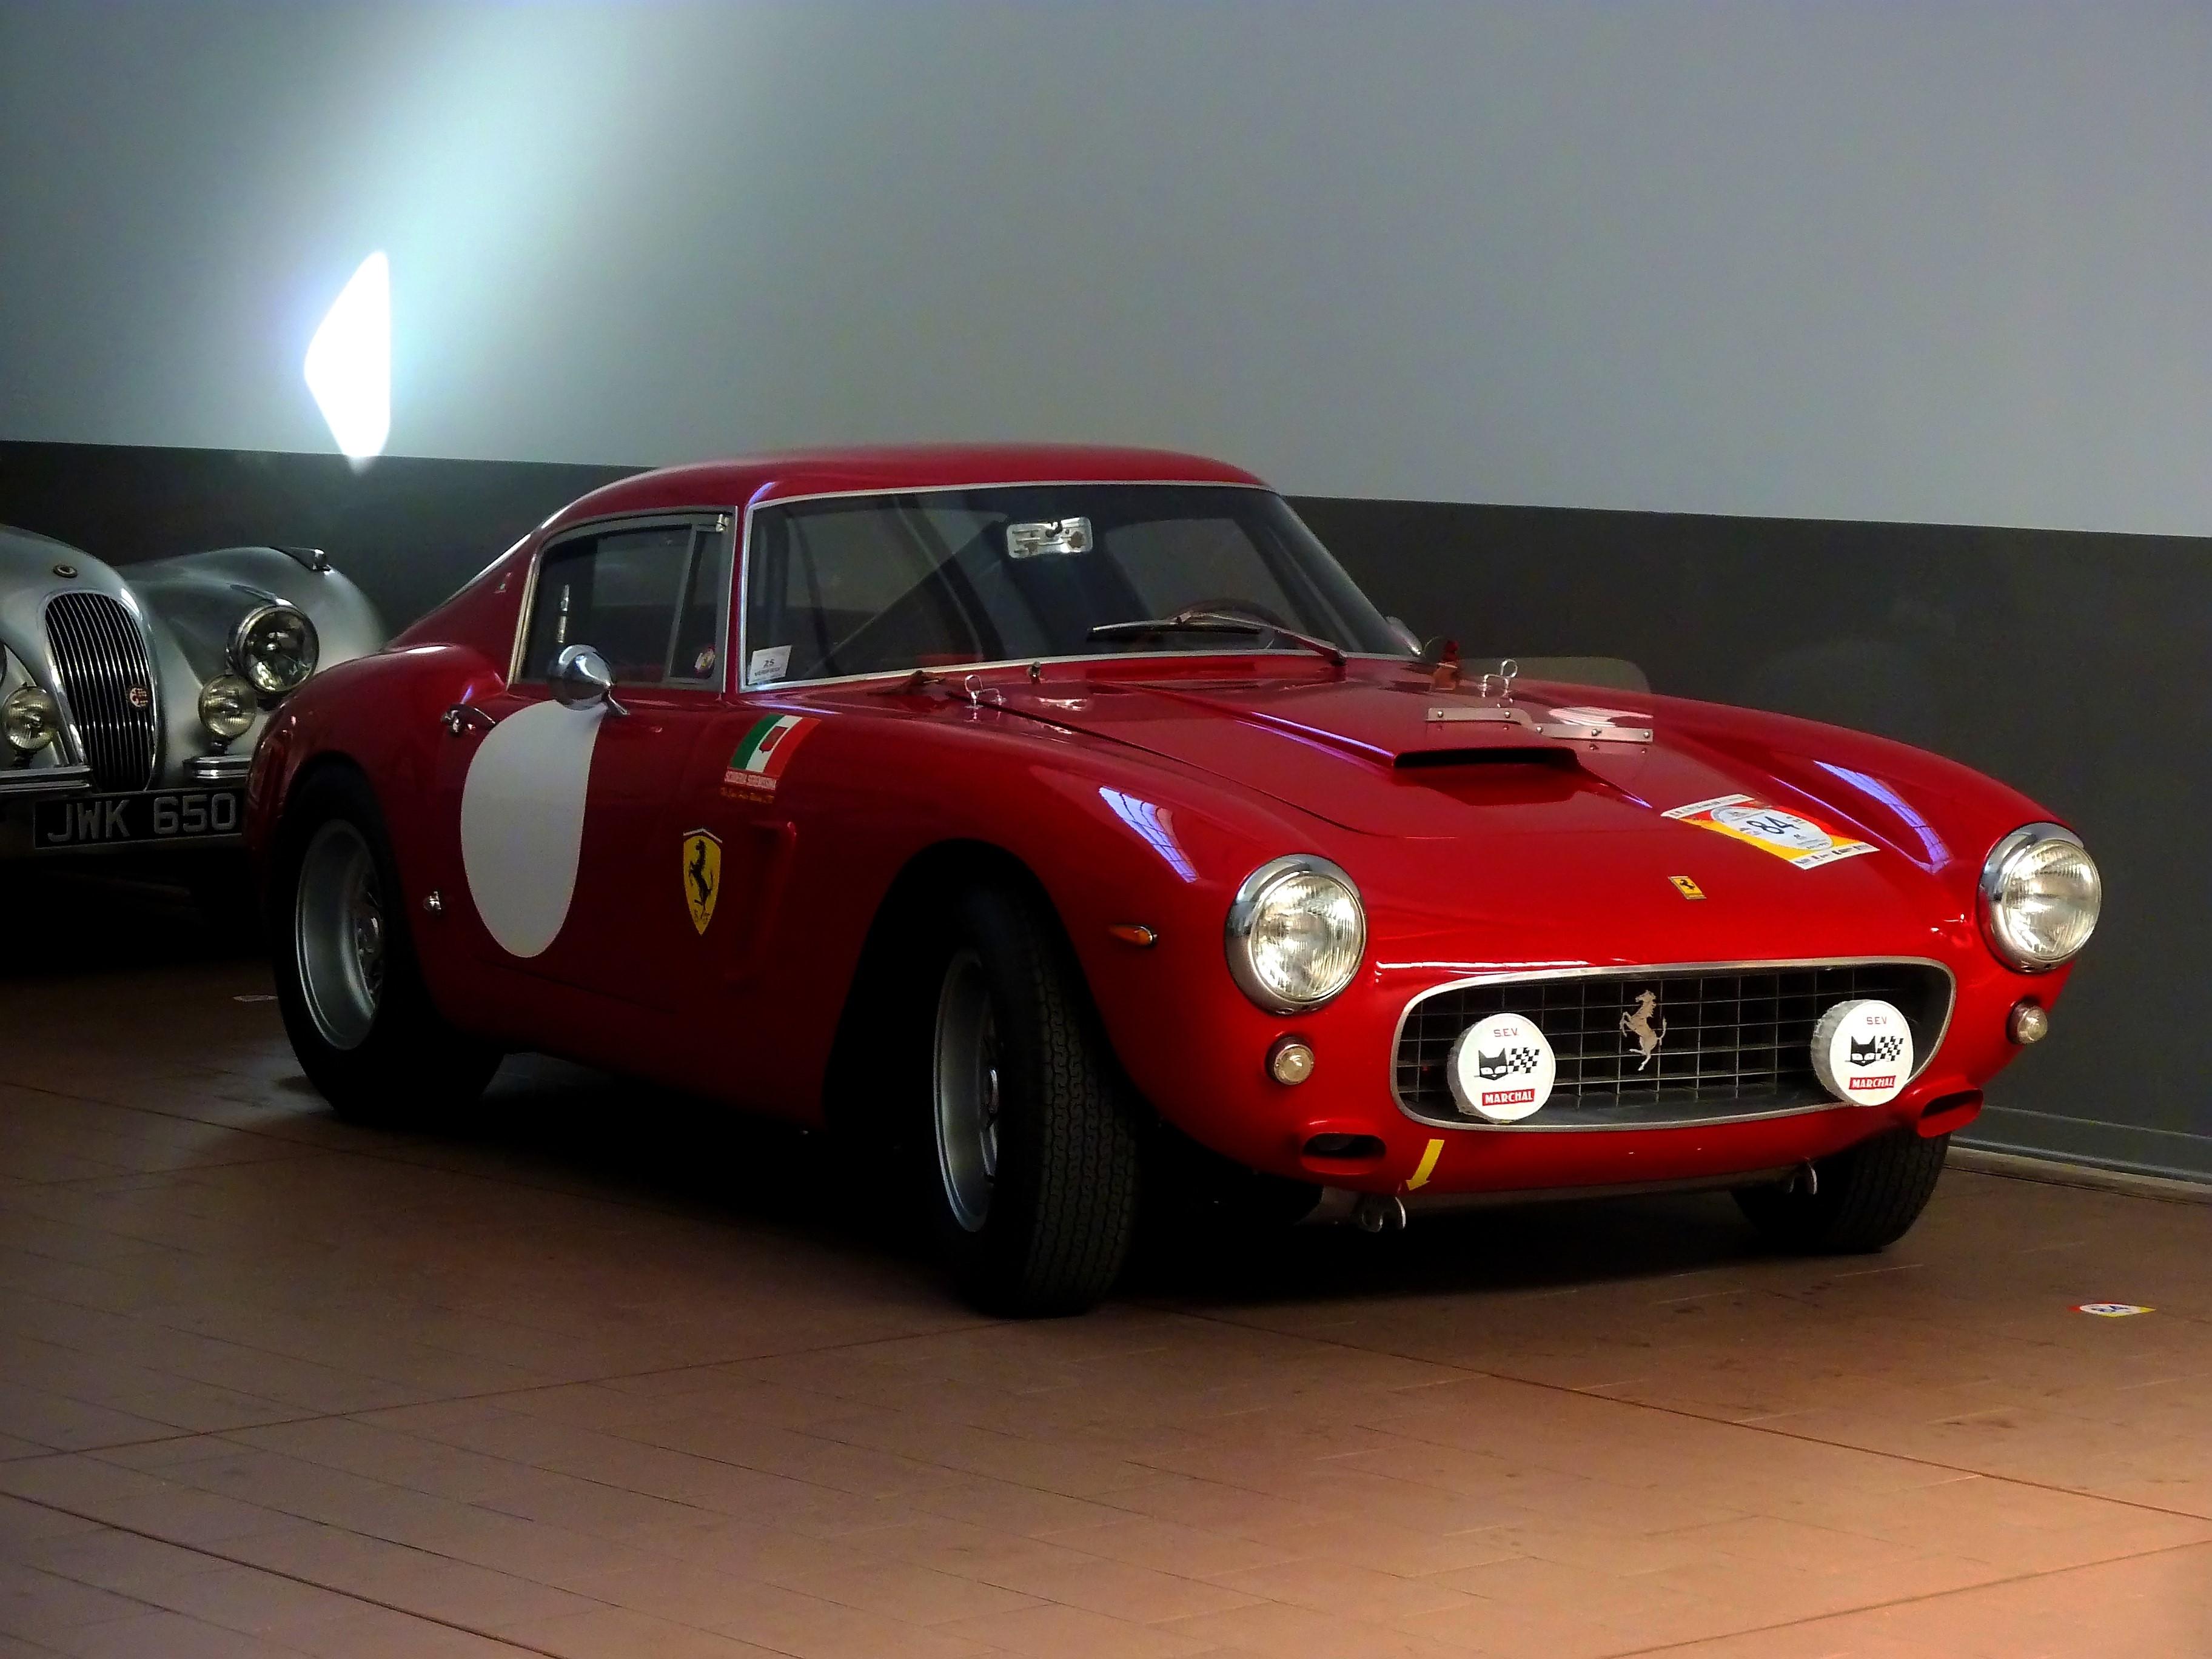 1961 Ferrari 250 GT SWB #2701 (102)_filtered